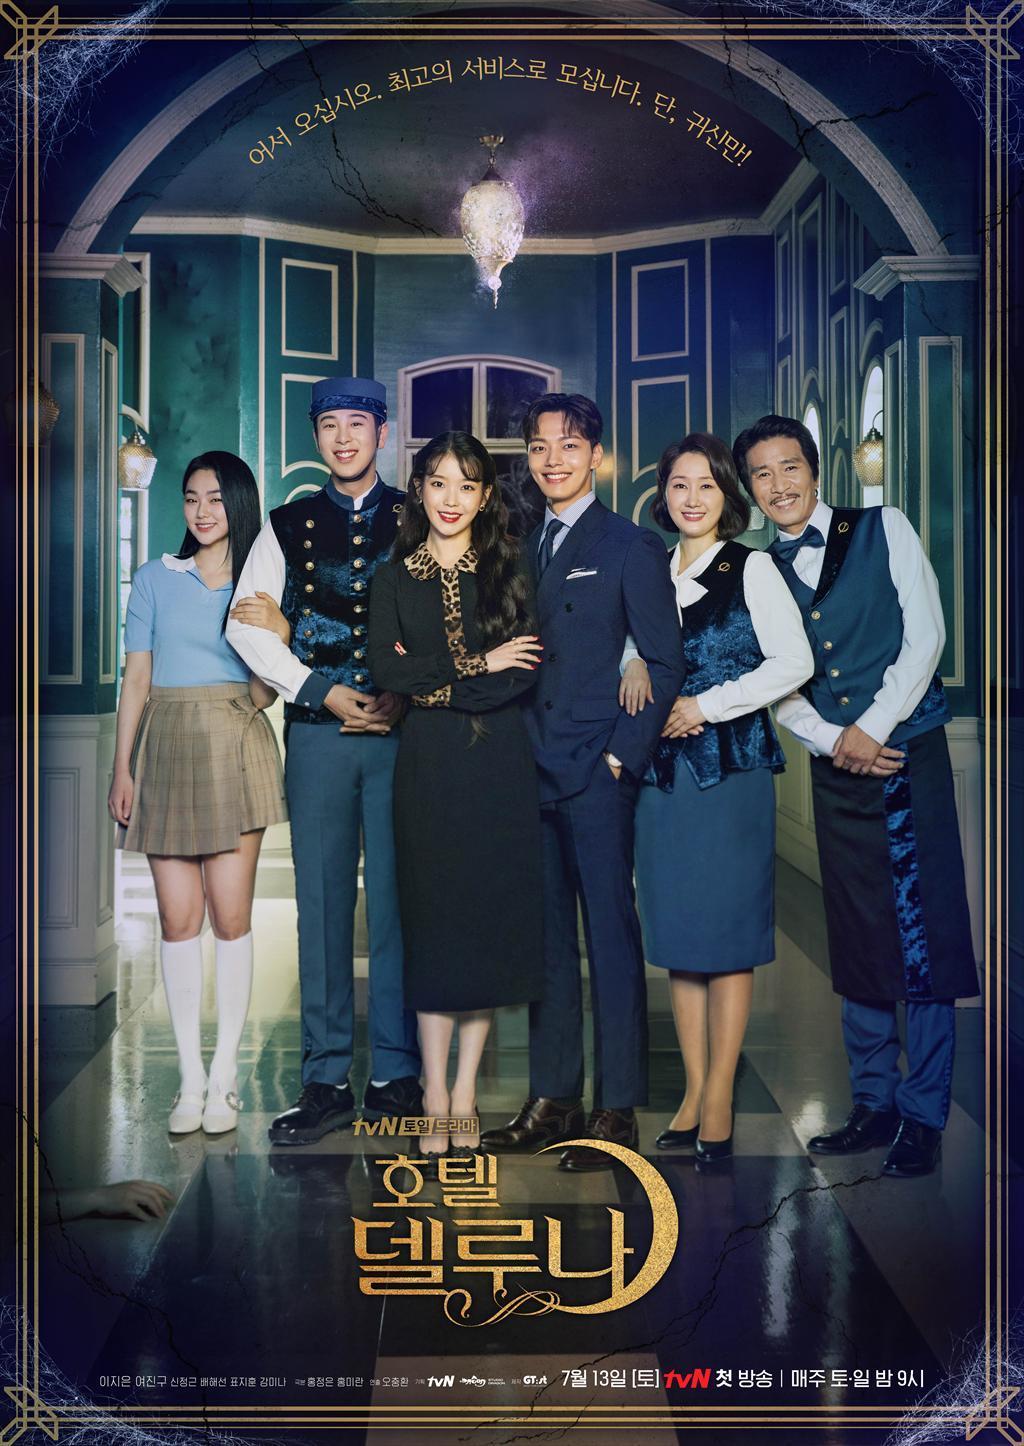 Hotel Del Luna drama, Hotel Del Luna cast, Hotel Del Luna summary, yeo jingoo Hotel Del Luna, Hotel Del Luna iu, iu yeo jingoo, yeo jingoo 2019 drama, iu 2019 drama